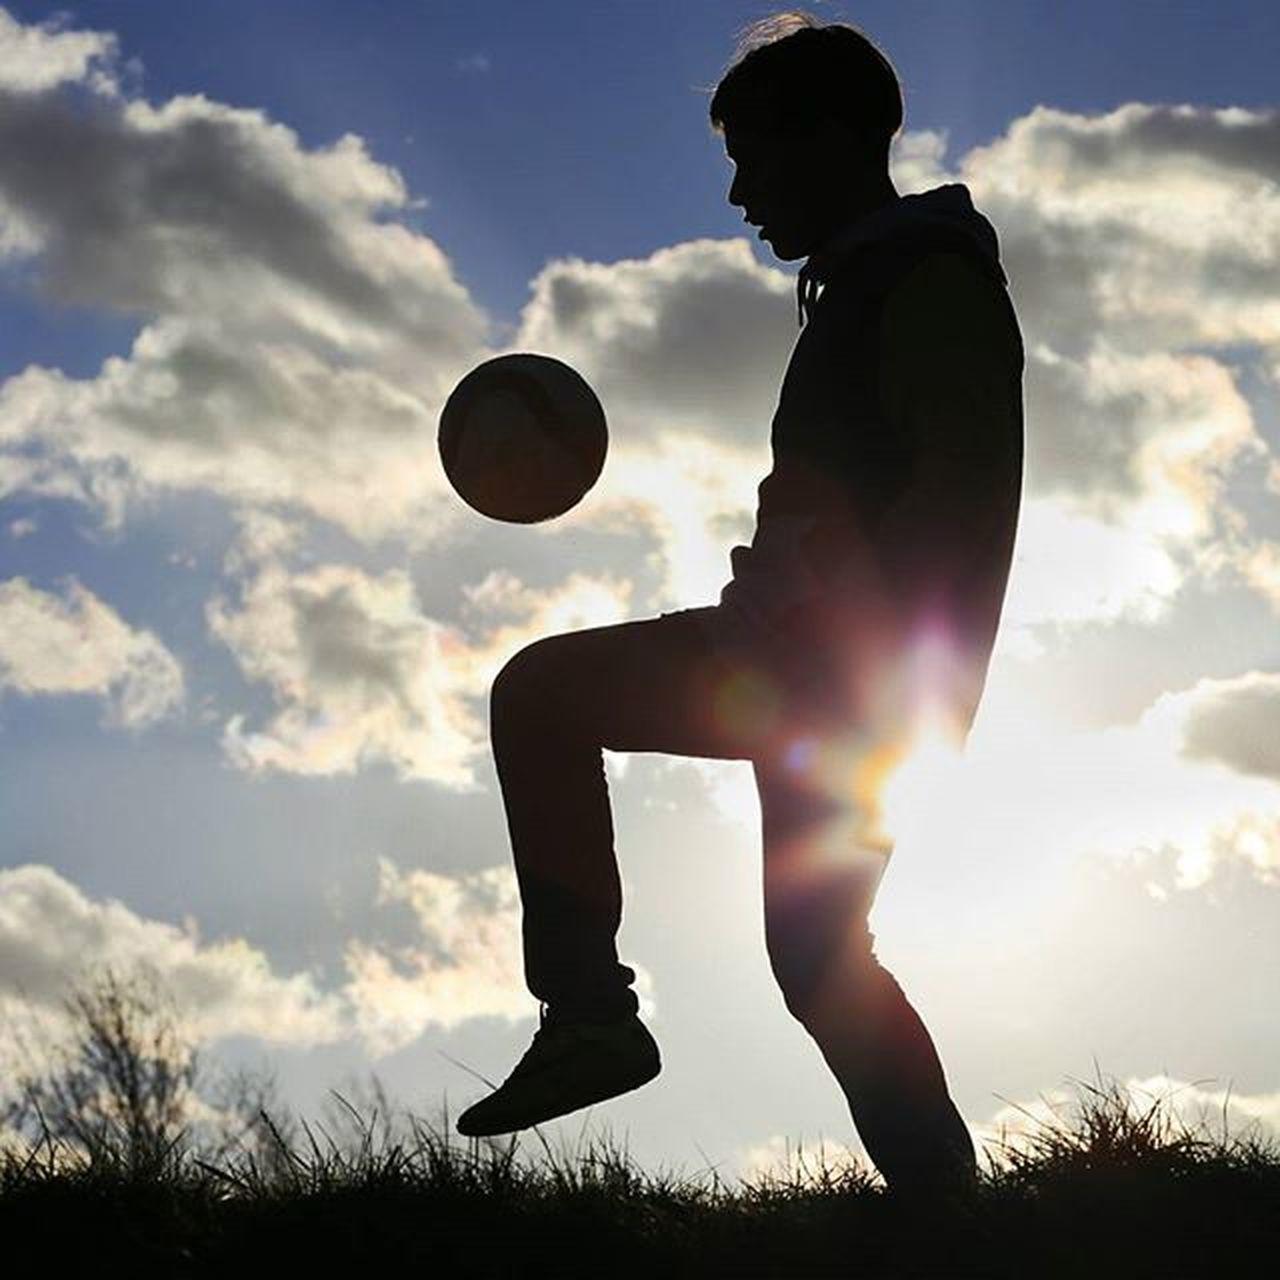 @iwokowalski Football Socer Fifa15 Fifa Pes Ball Addidas Nike Umbro Canon Gtcreate Freedom